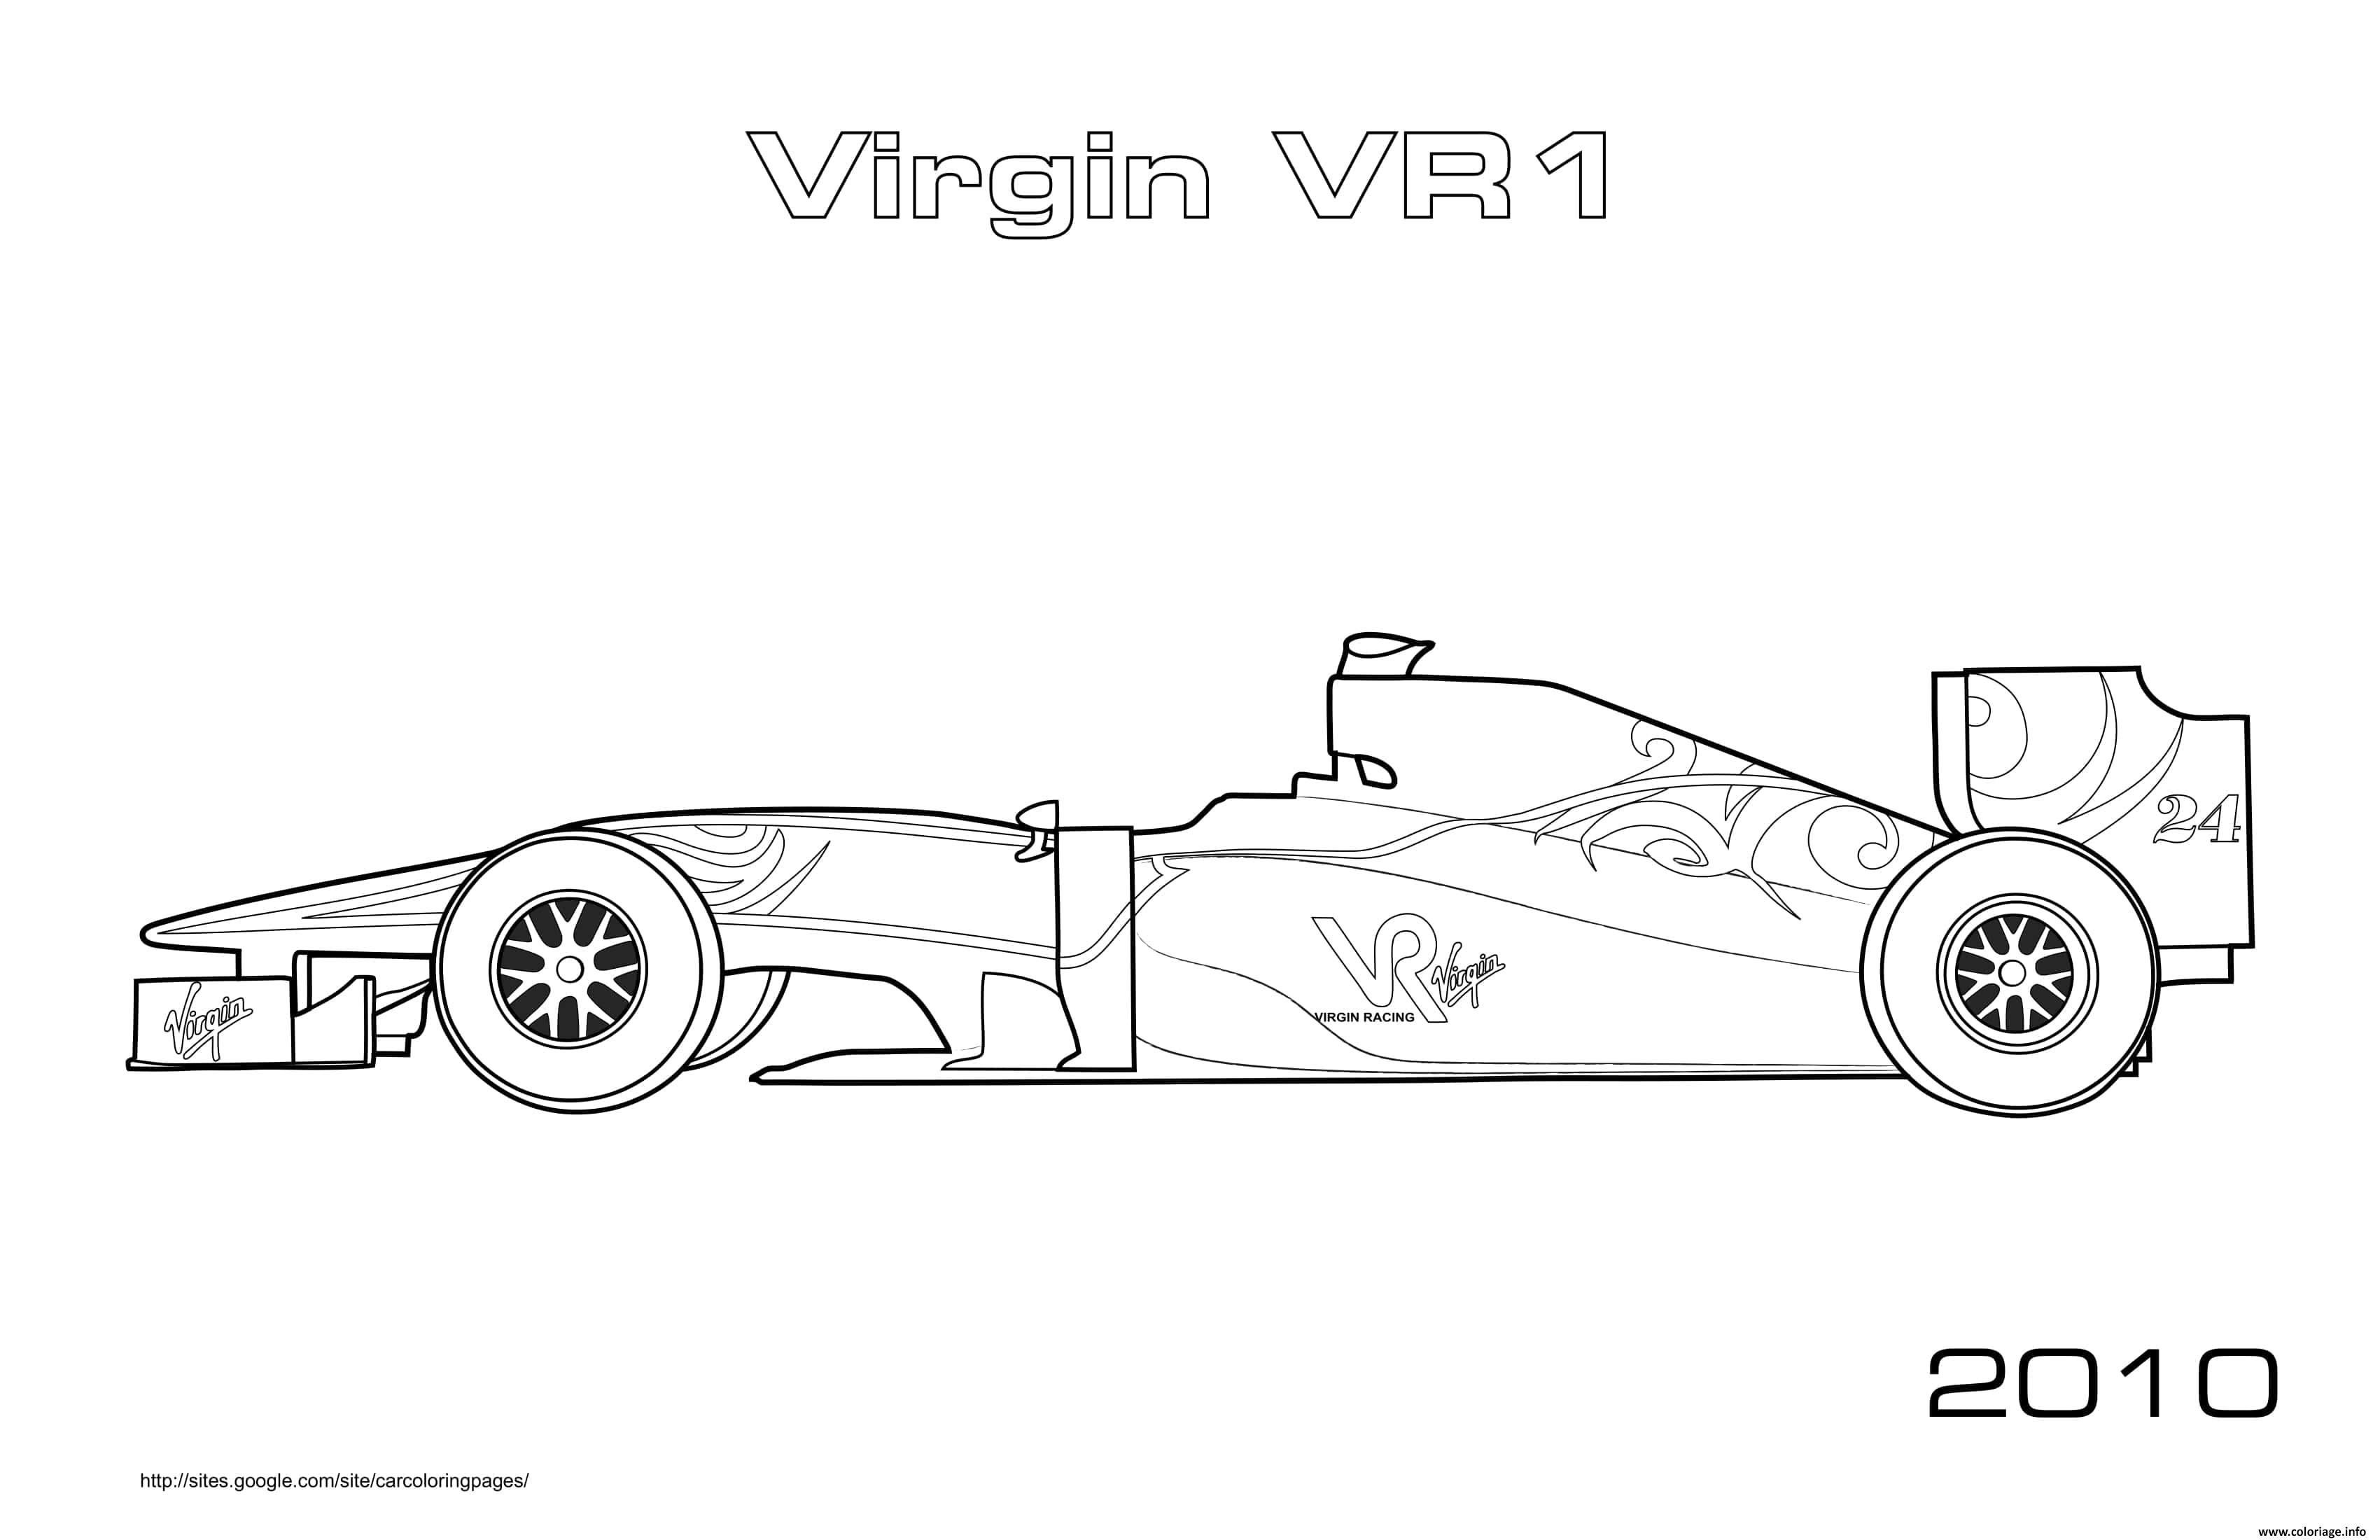 Dessin Formule 1 Voiture Virgin Vr1 2010 Coloriage Gratuit à Imprimer